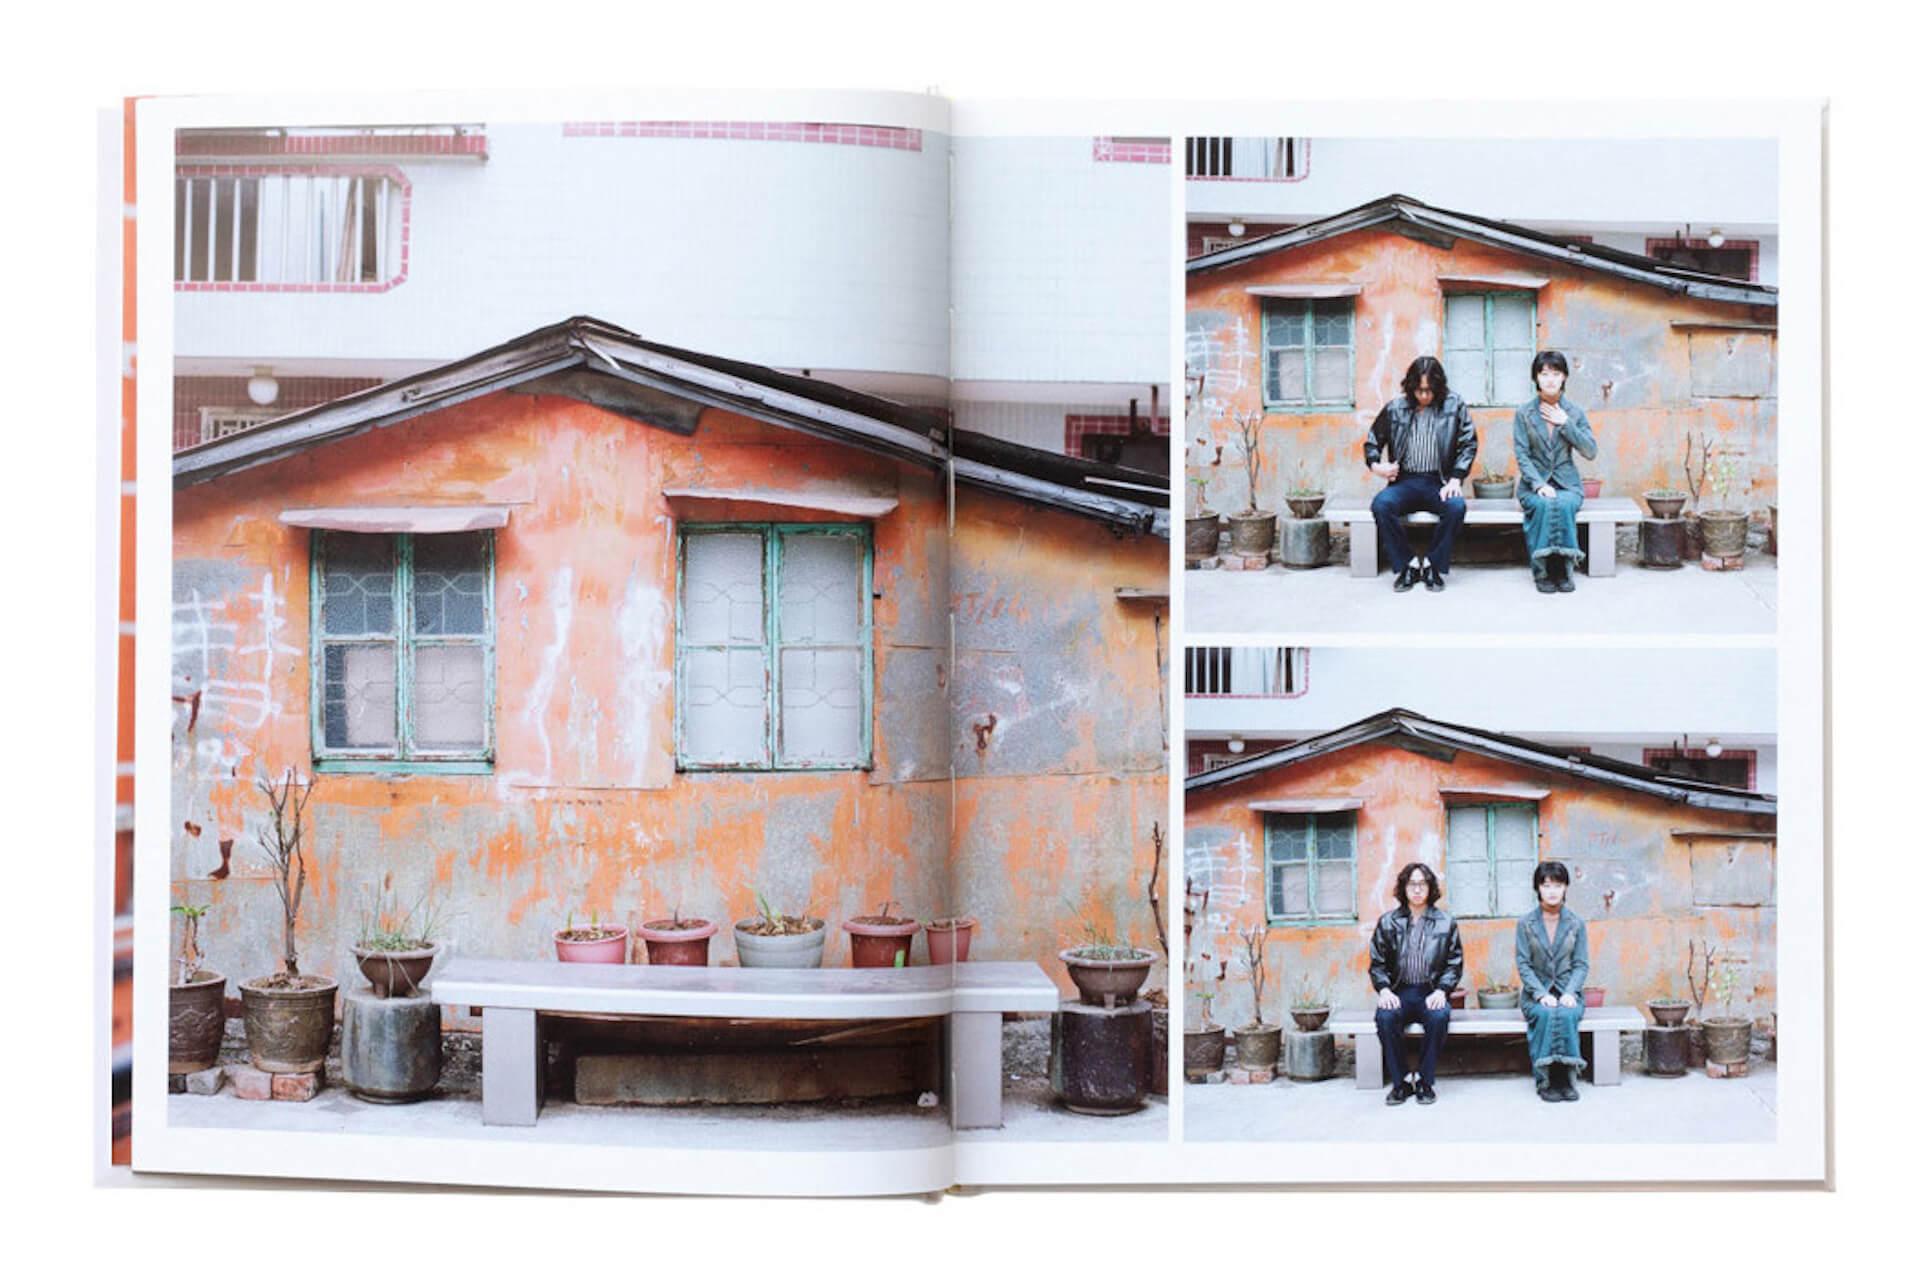 アートブックノススメ|Qetic編集部が選ぶ5冊/Roni Ahn 他 column210916_artbook-023